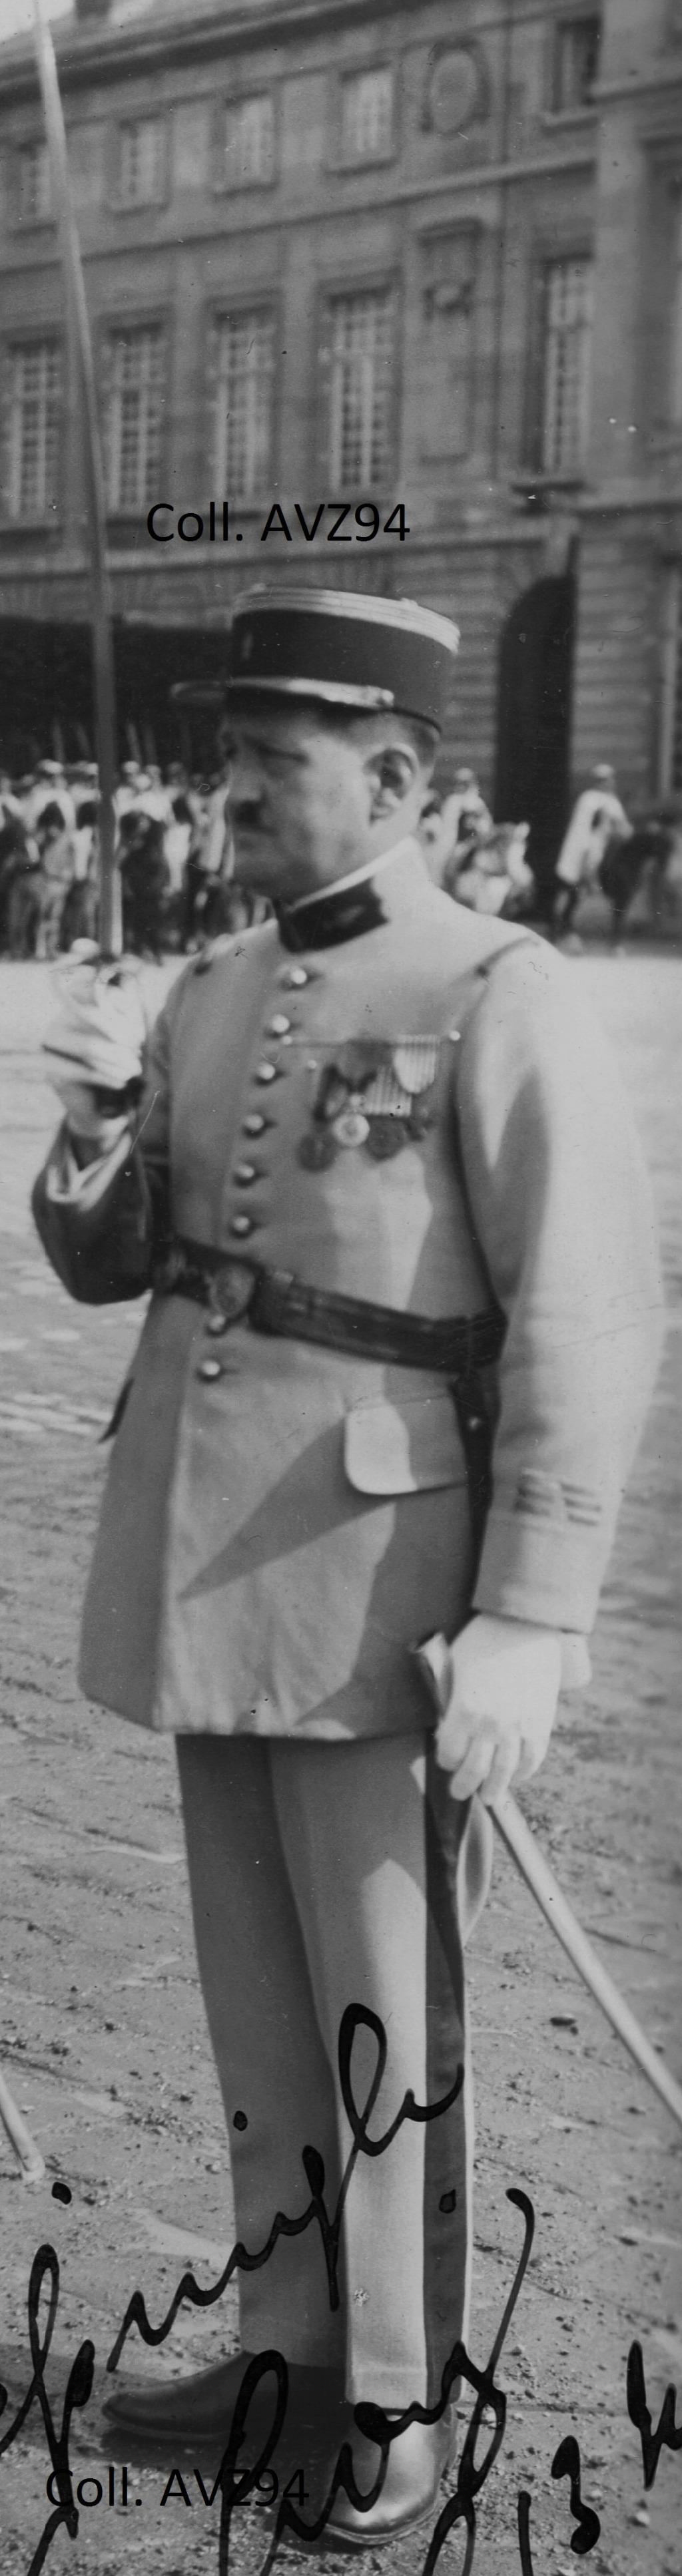 Les Spahis de 1935-40 au travers de l'iconographie - Page 4 2021-127